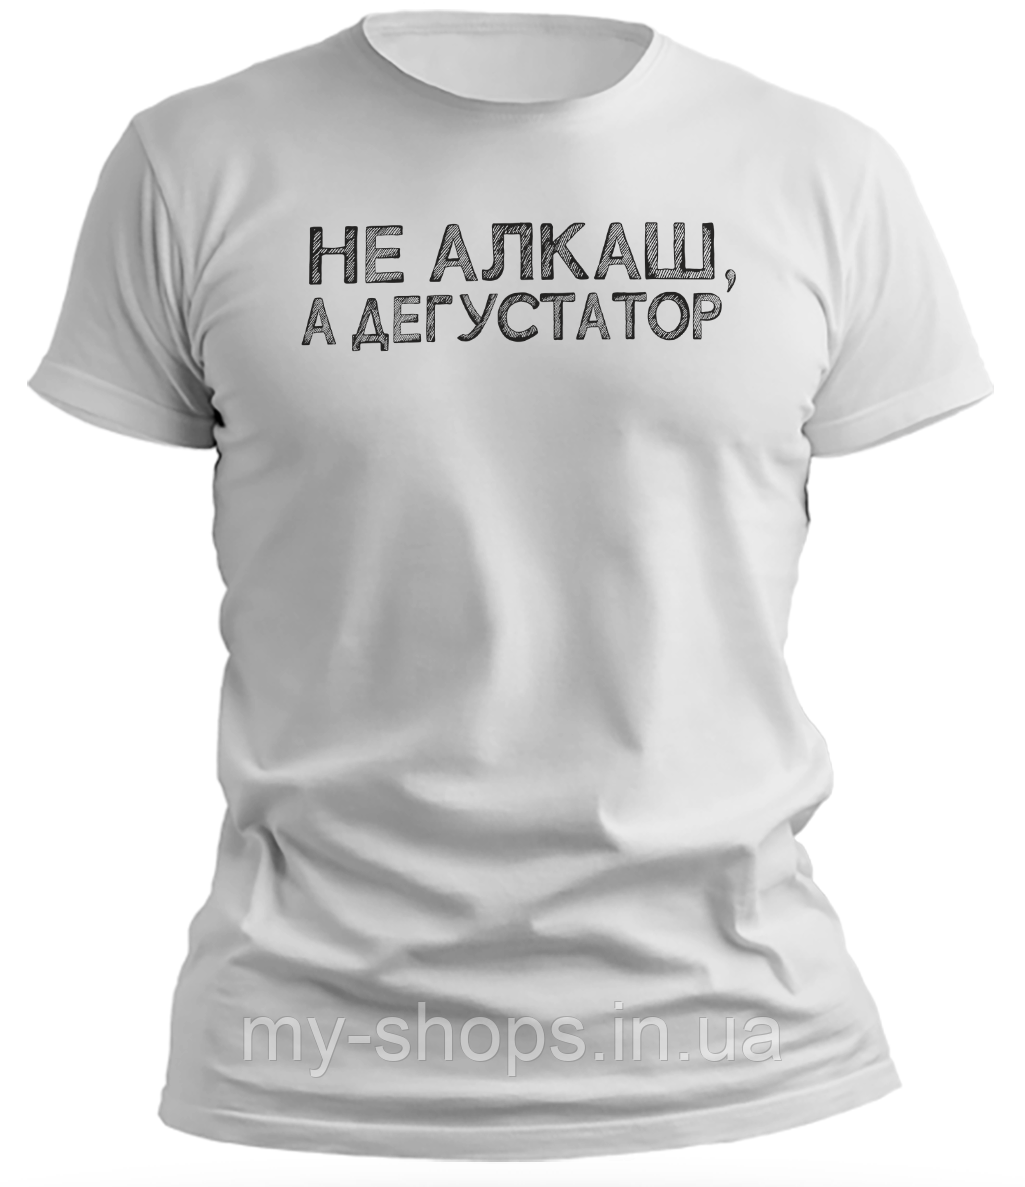 Мужская Футболка. Дегустатор